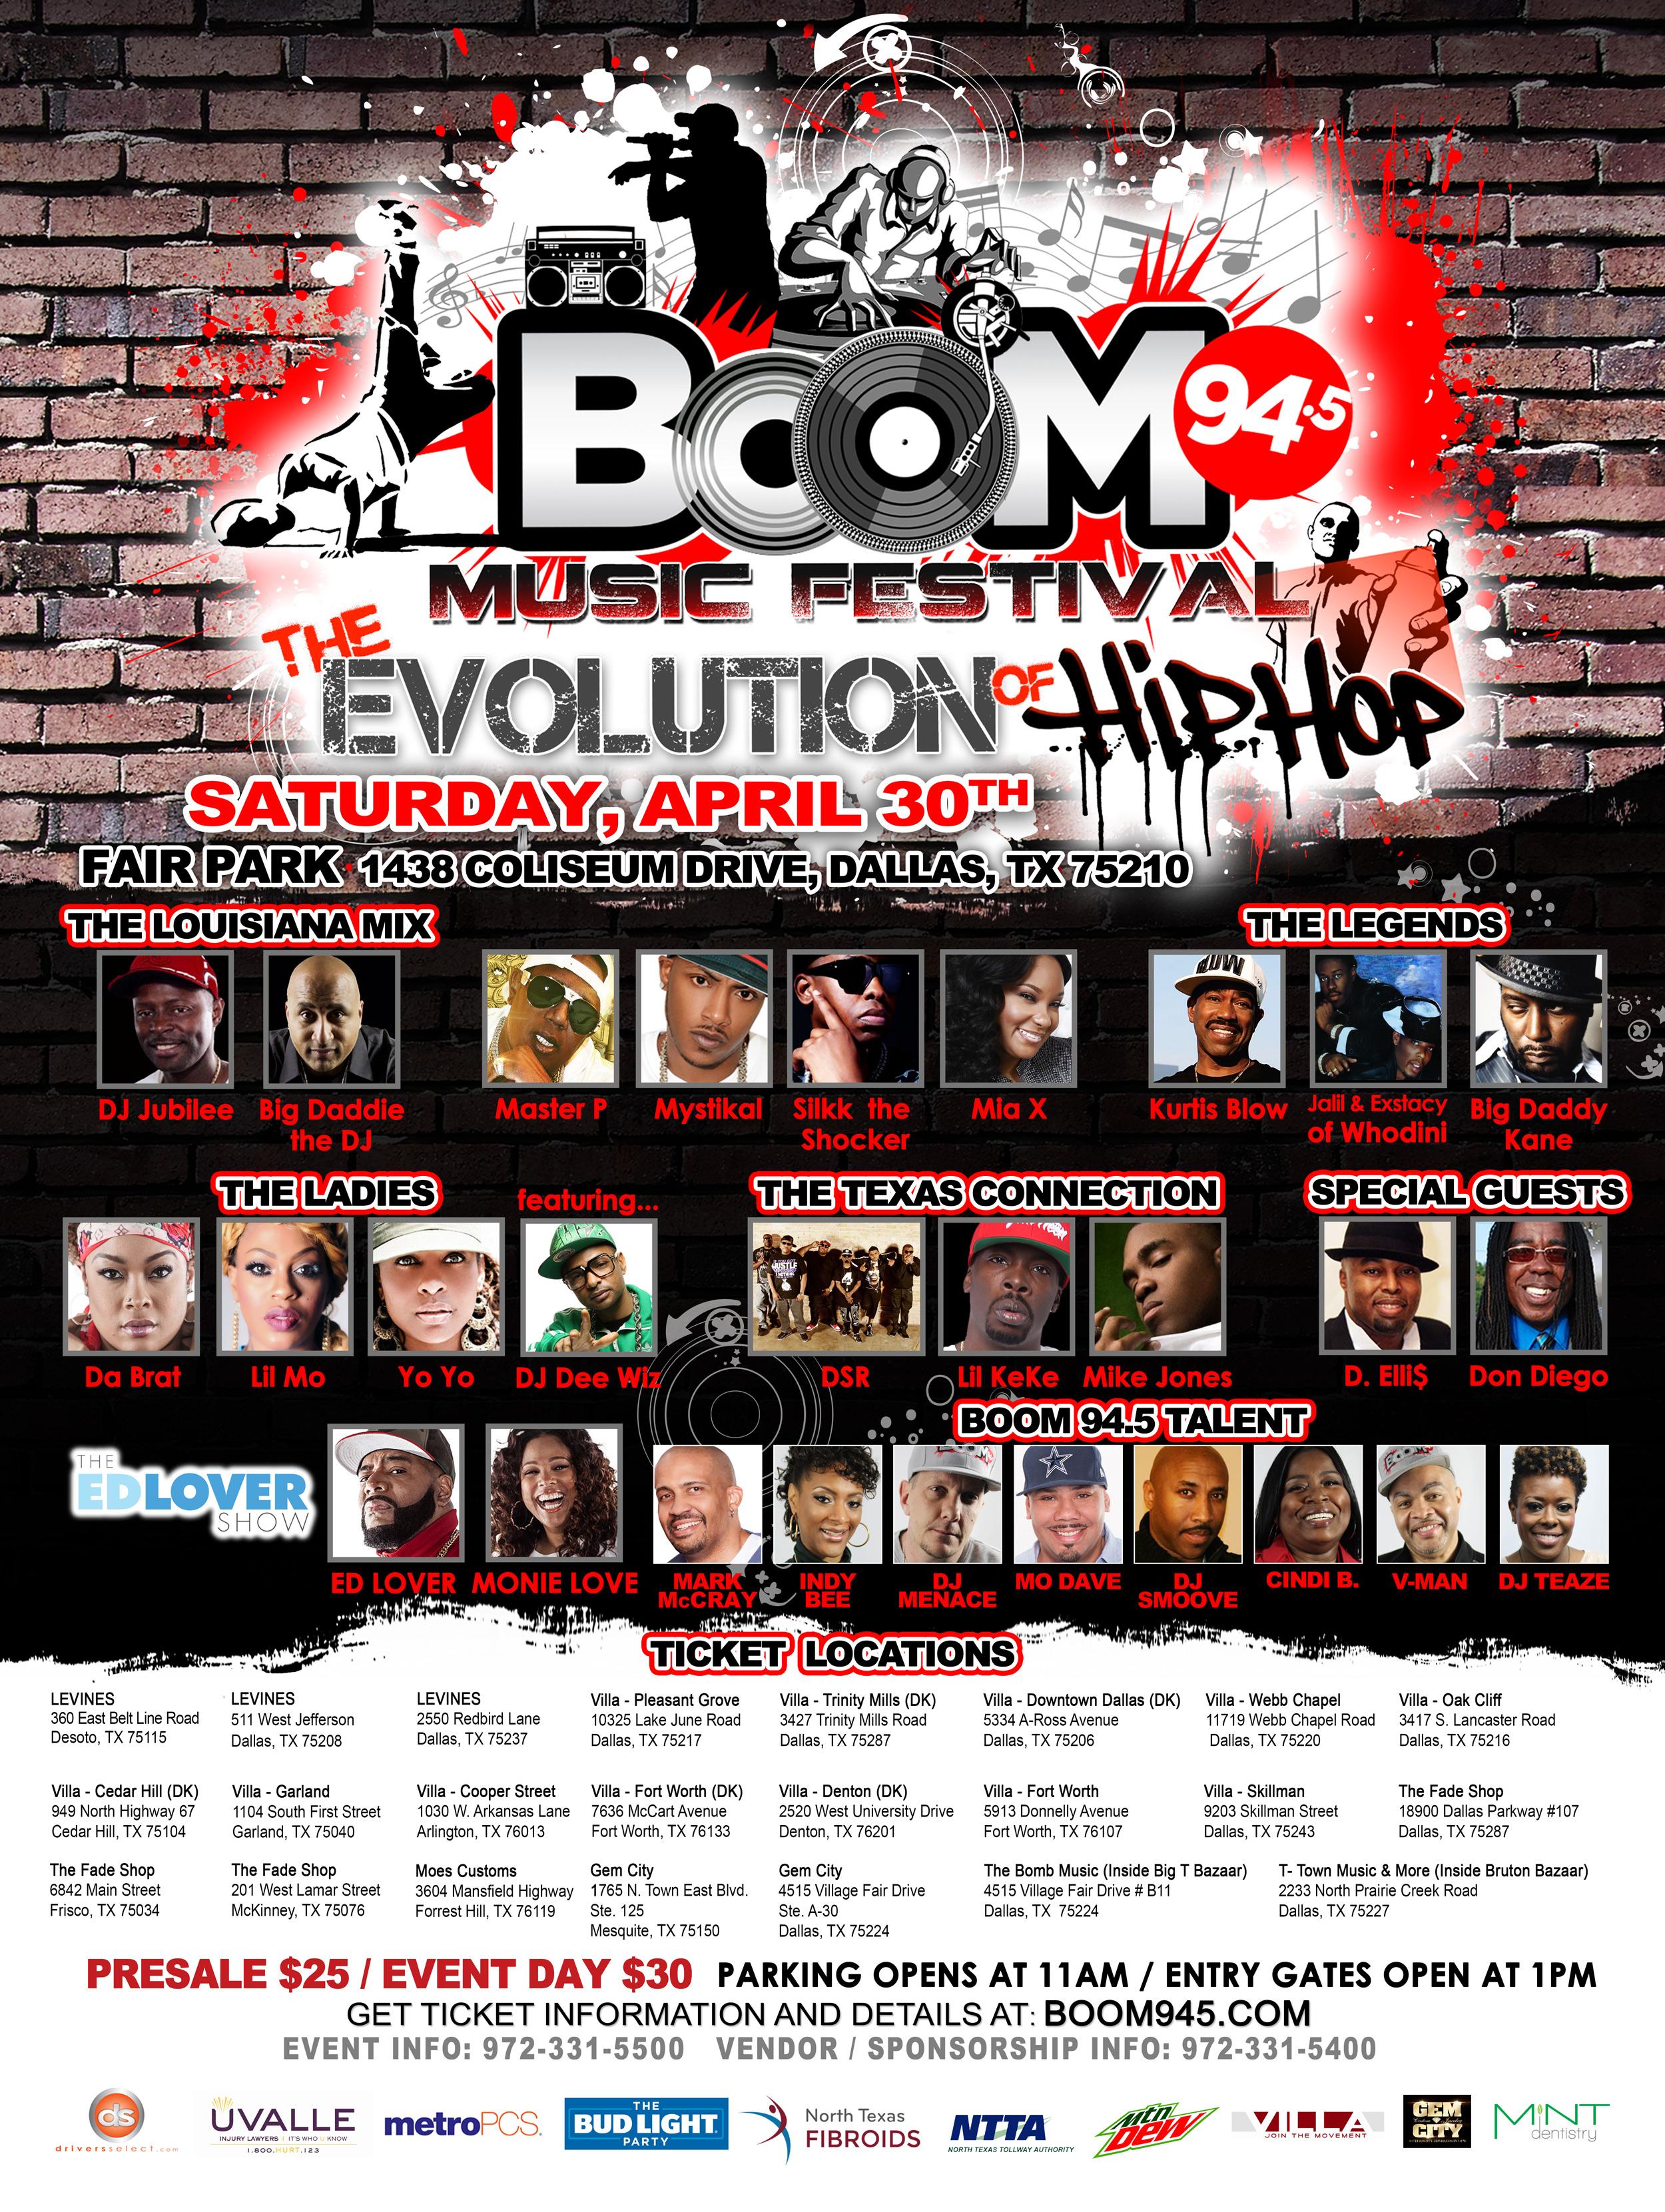 Boom Music Festival Flyer update 4/6